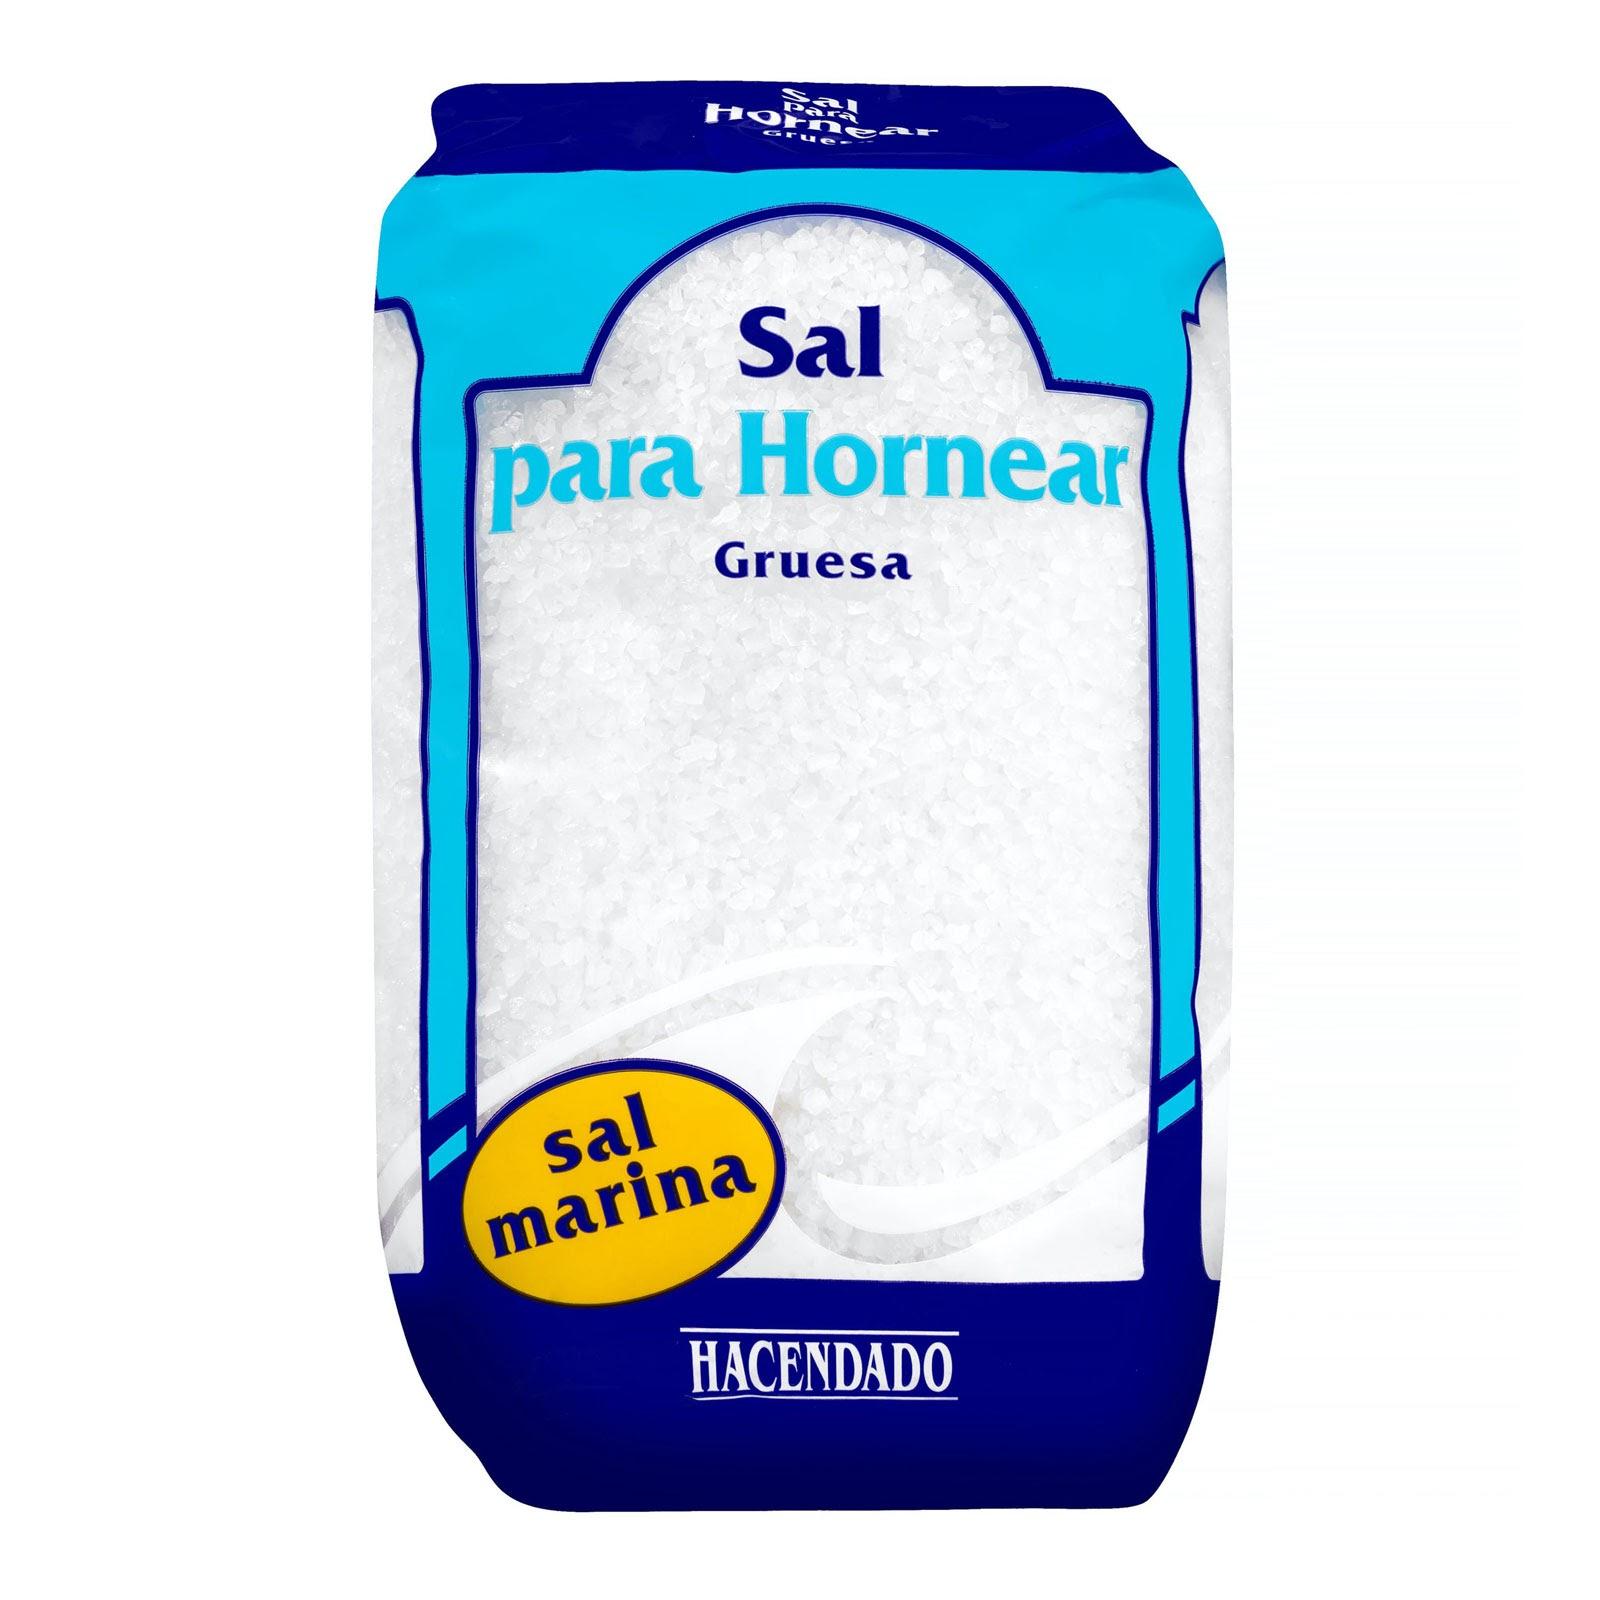 Sal para hornear gruesa Hacendado